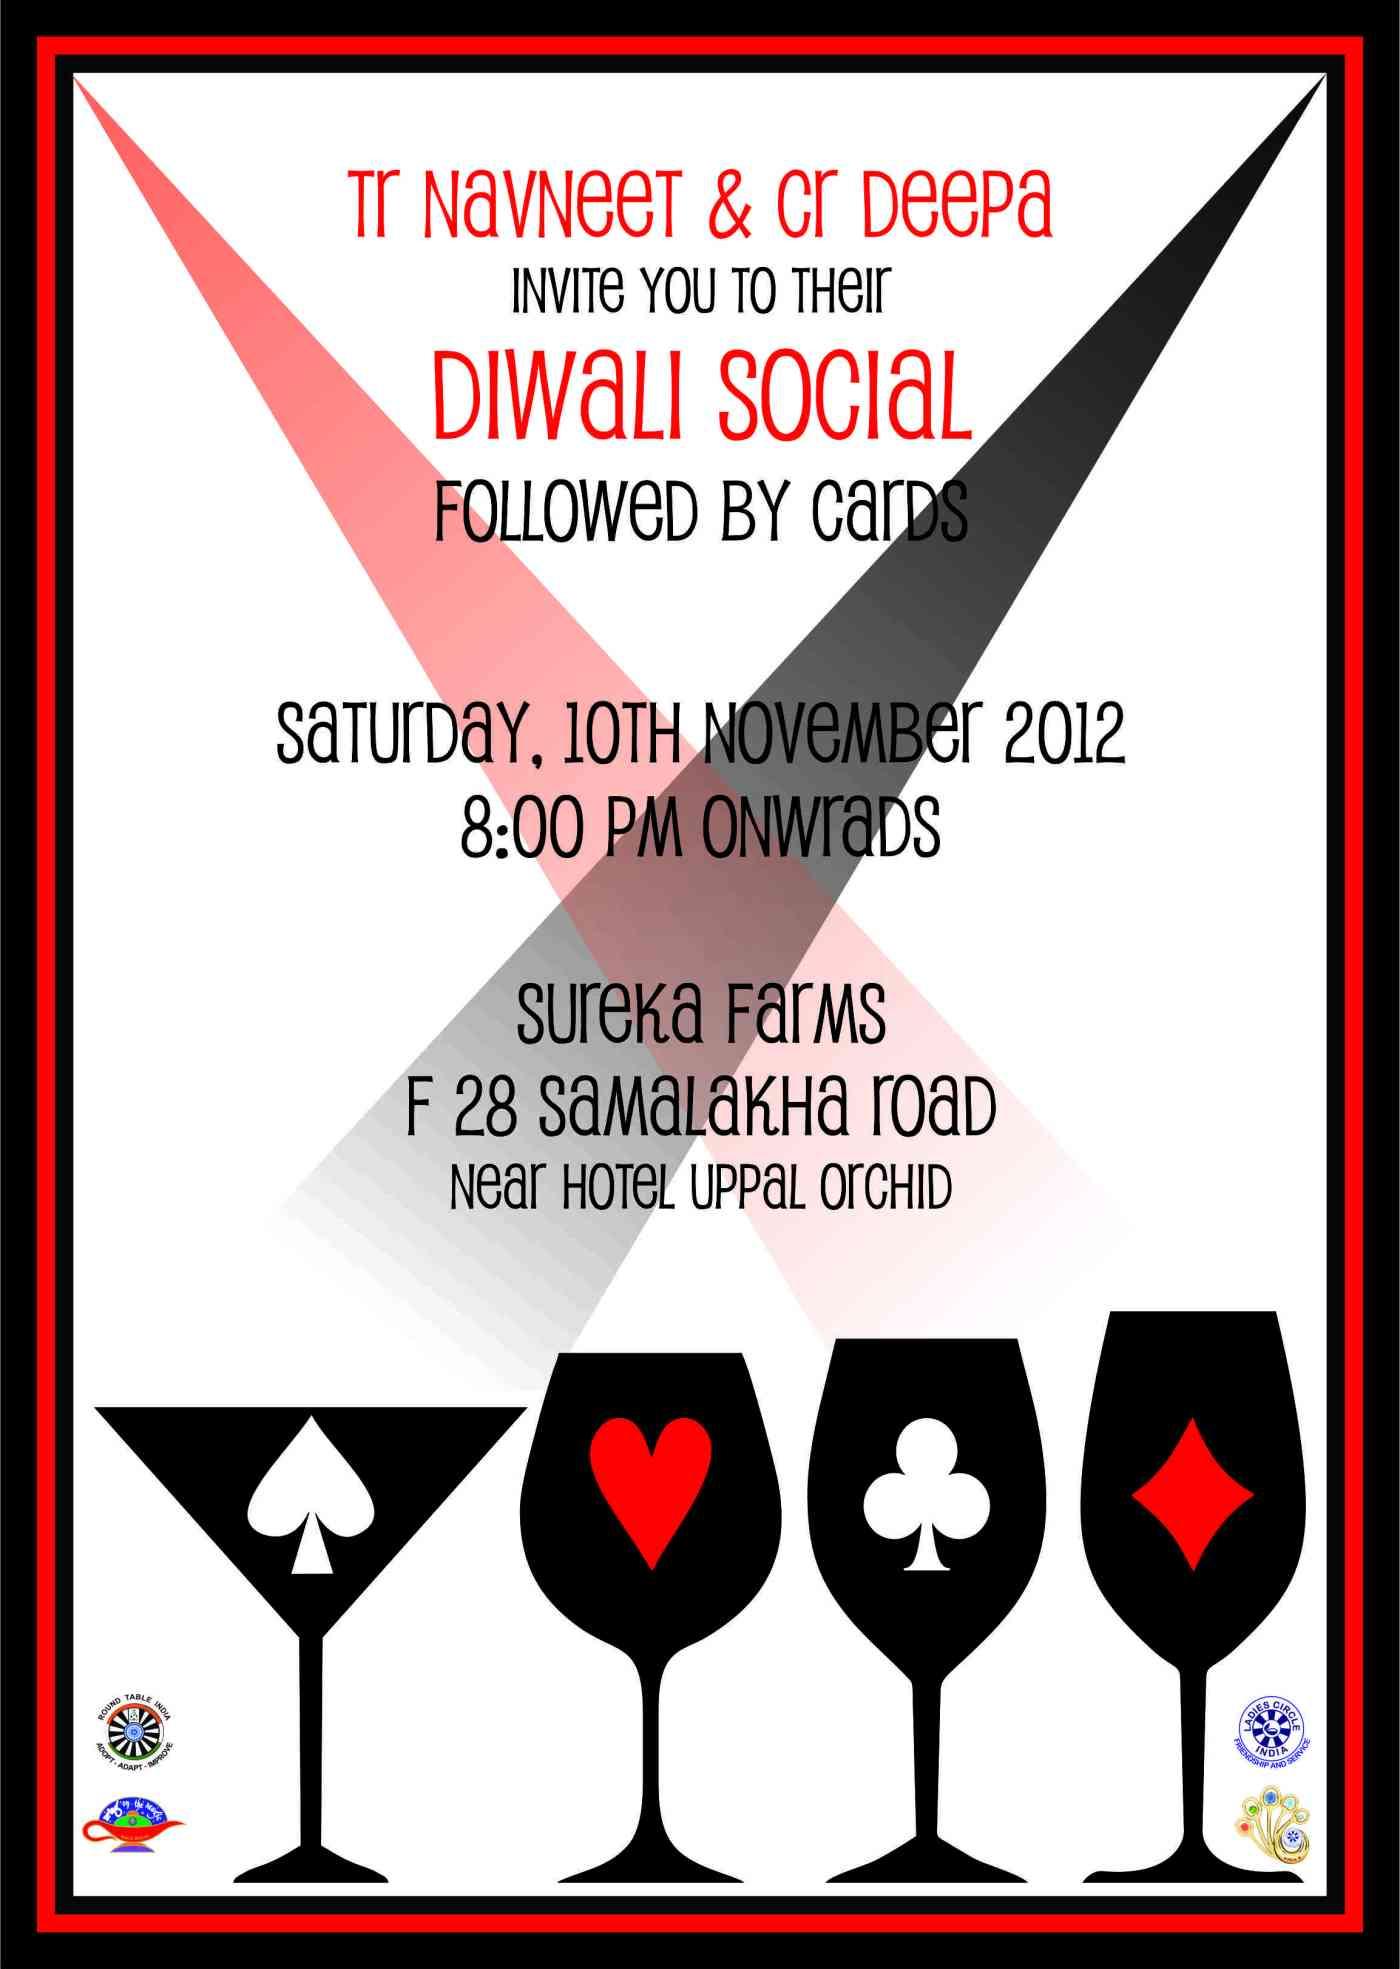 Invitation for Diwali get together on 10th Nov, 2012 – GLMF DMRT 149 ...